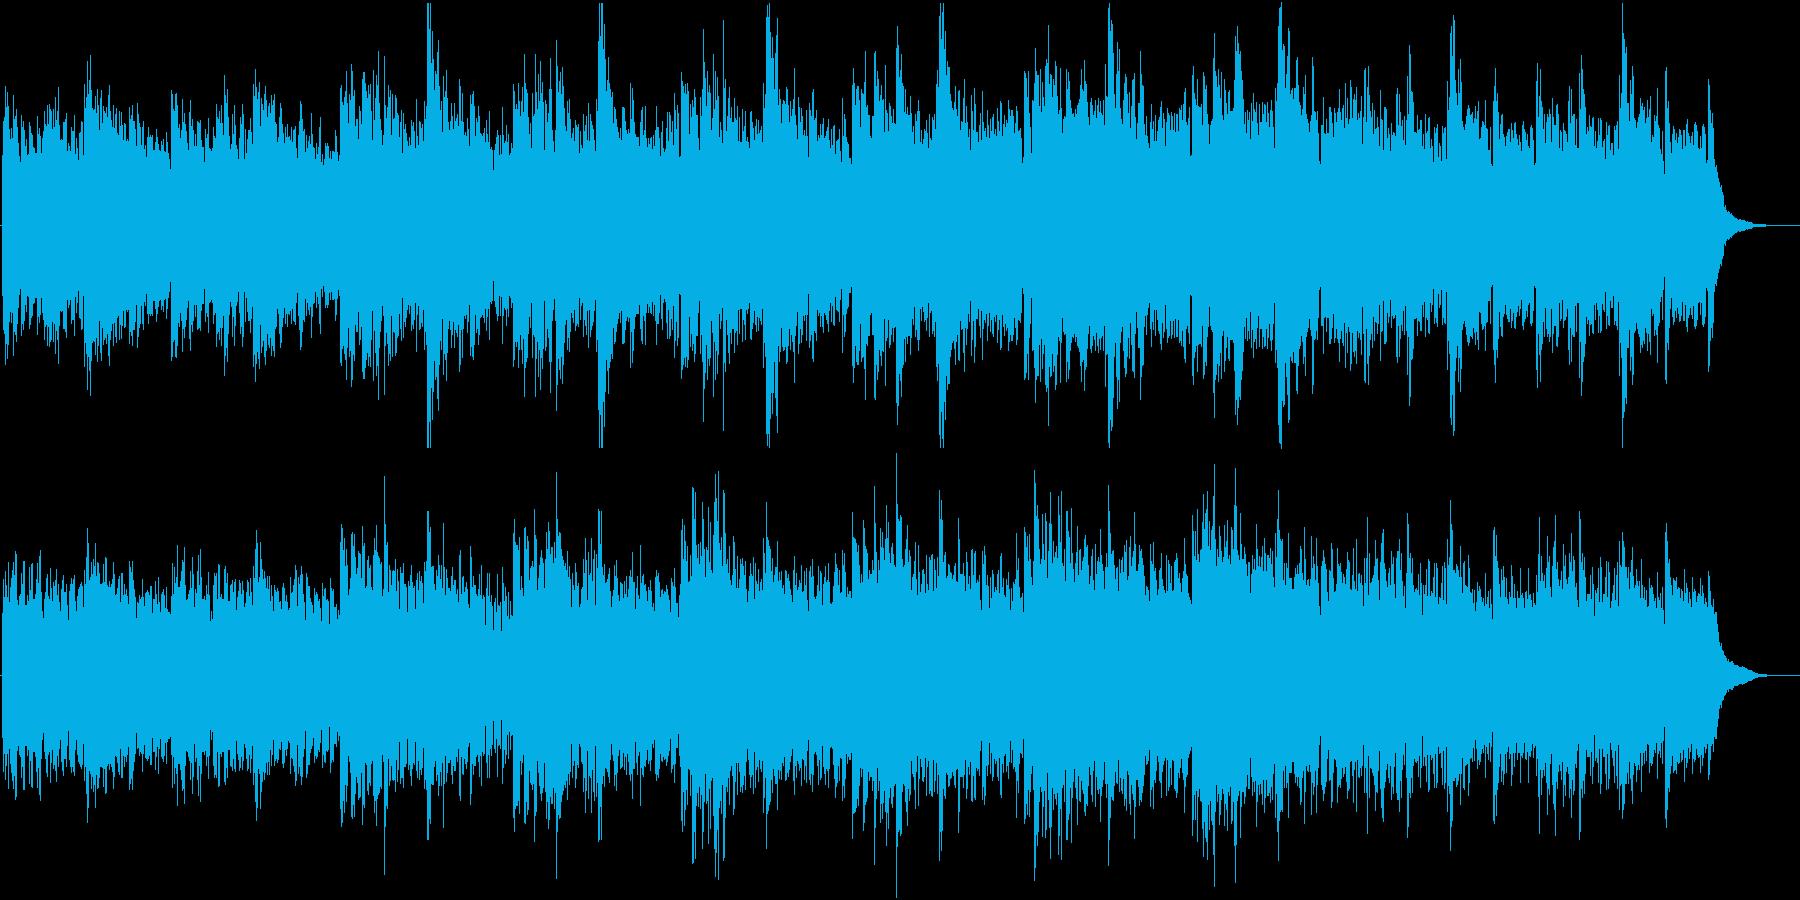 ドキュメンタリー向けピアノとストリングの再生済みの波形